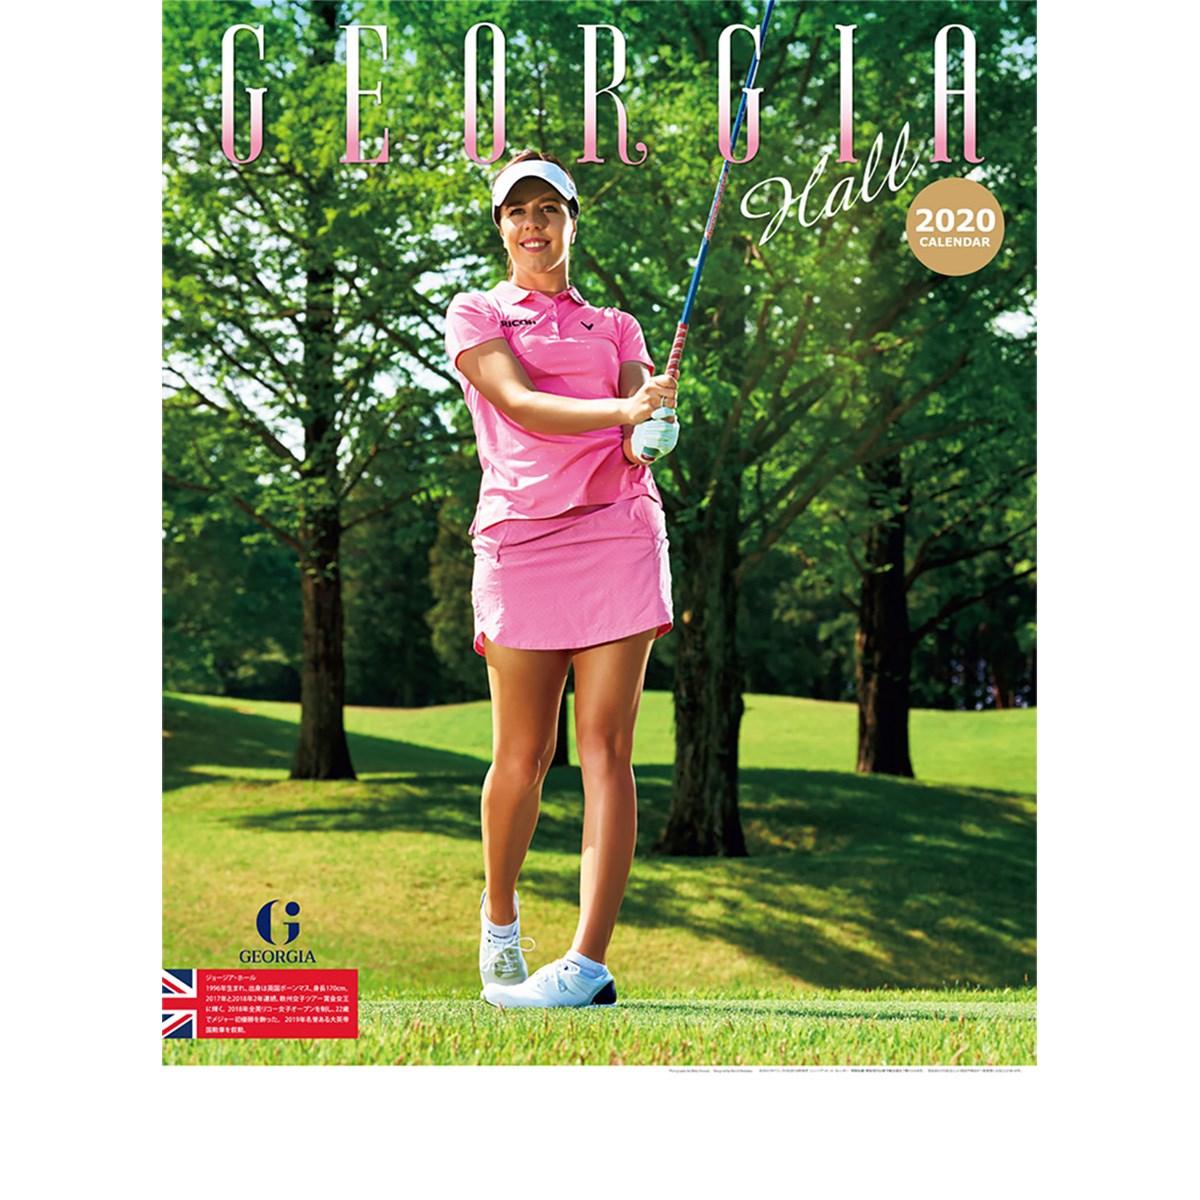 ゴルフダイジェスト(GolfDigest) 2020ジョージア・ホールカレンダー